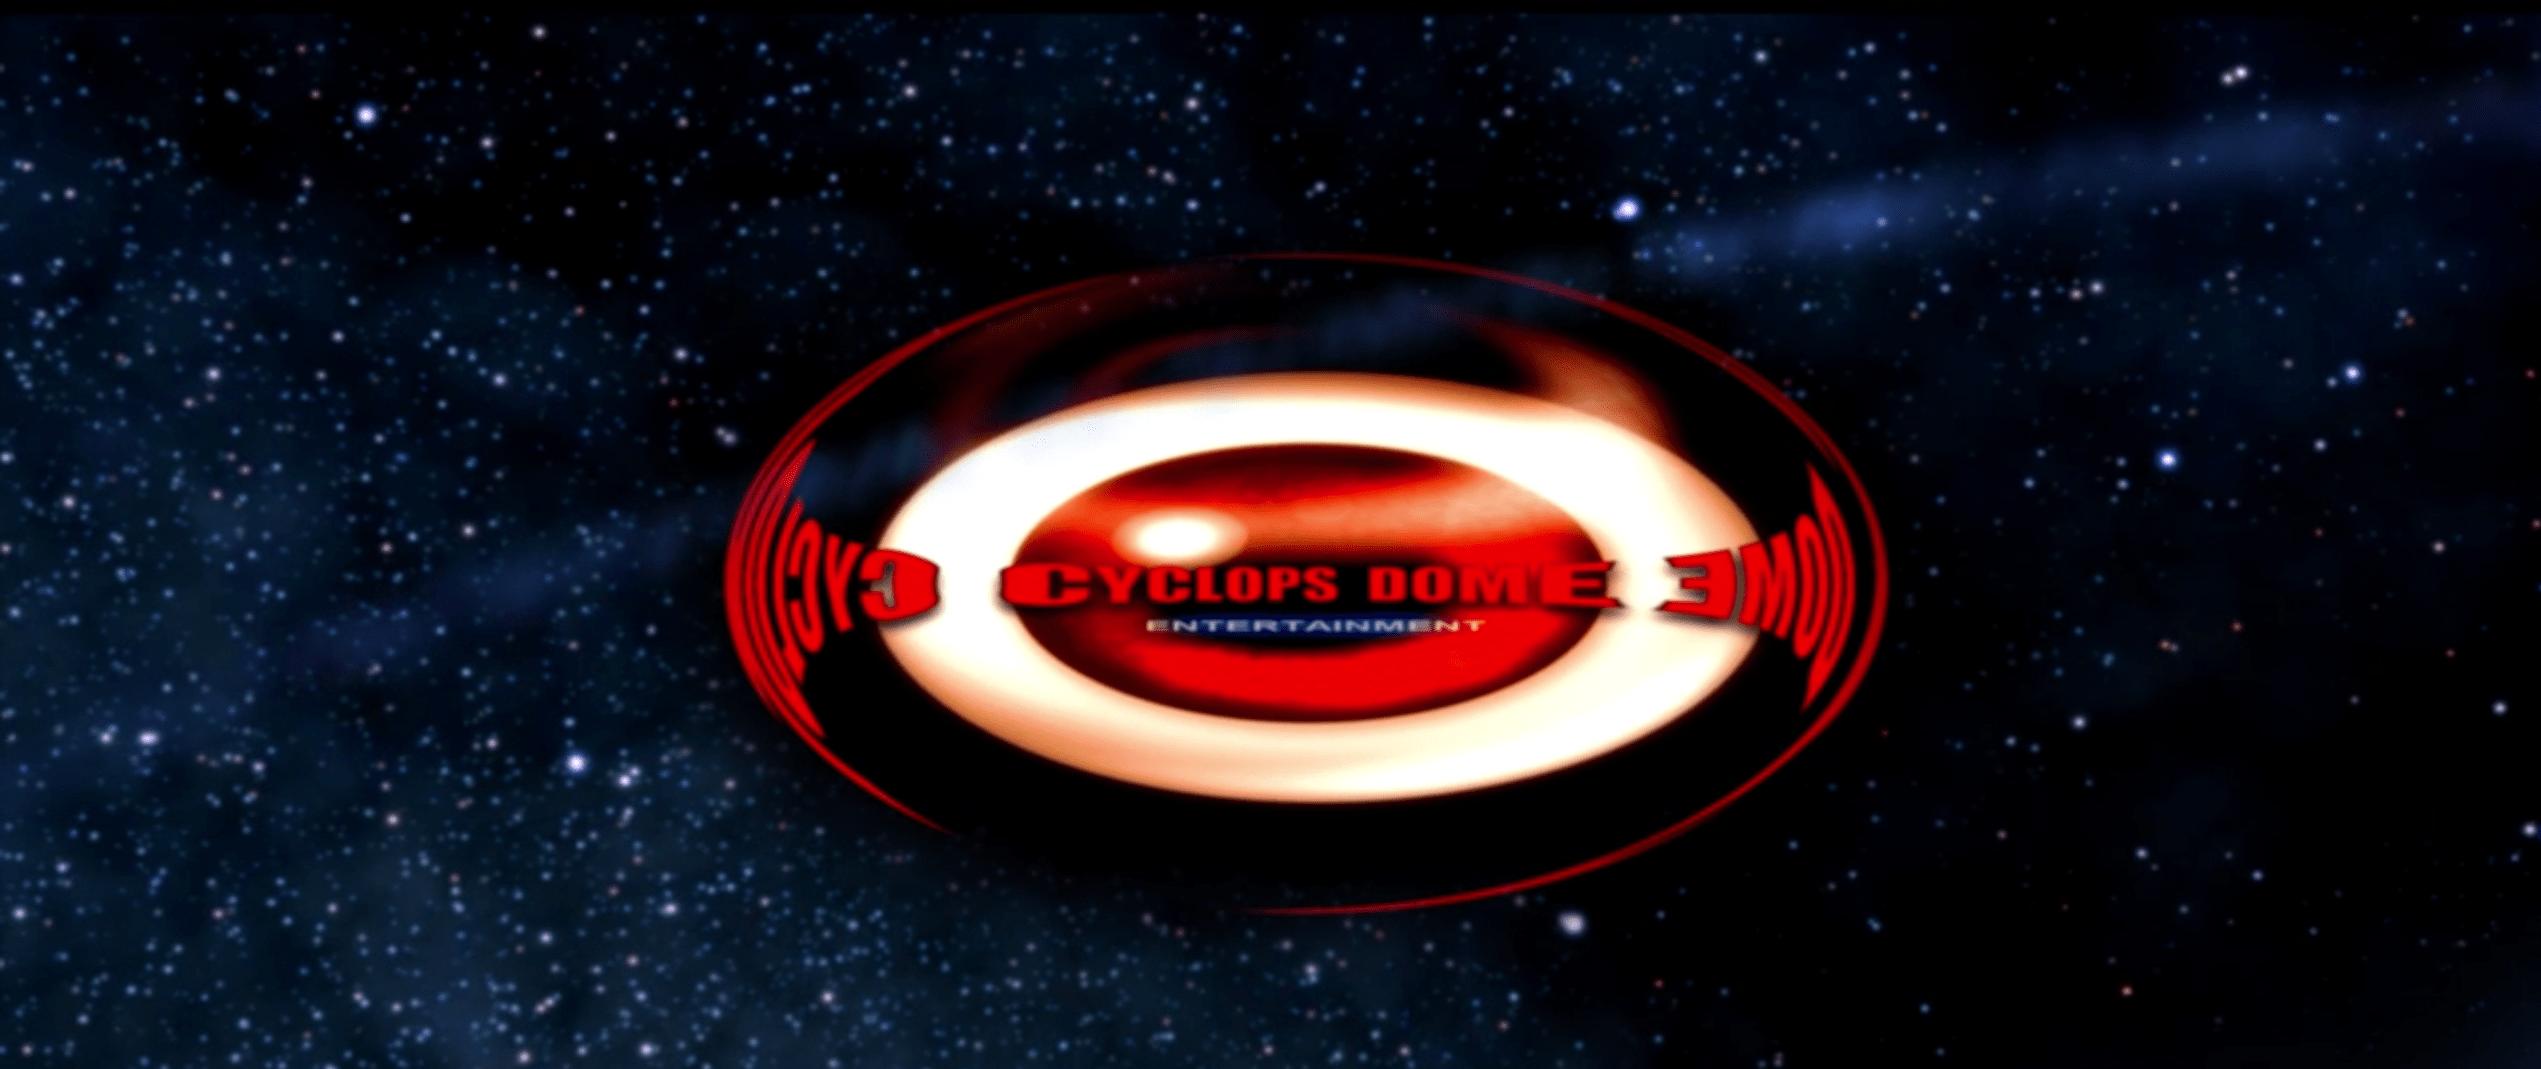 Cyclops Dome logo